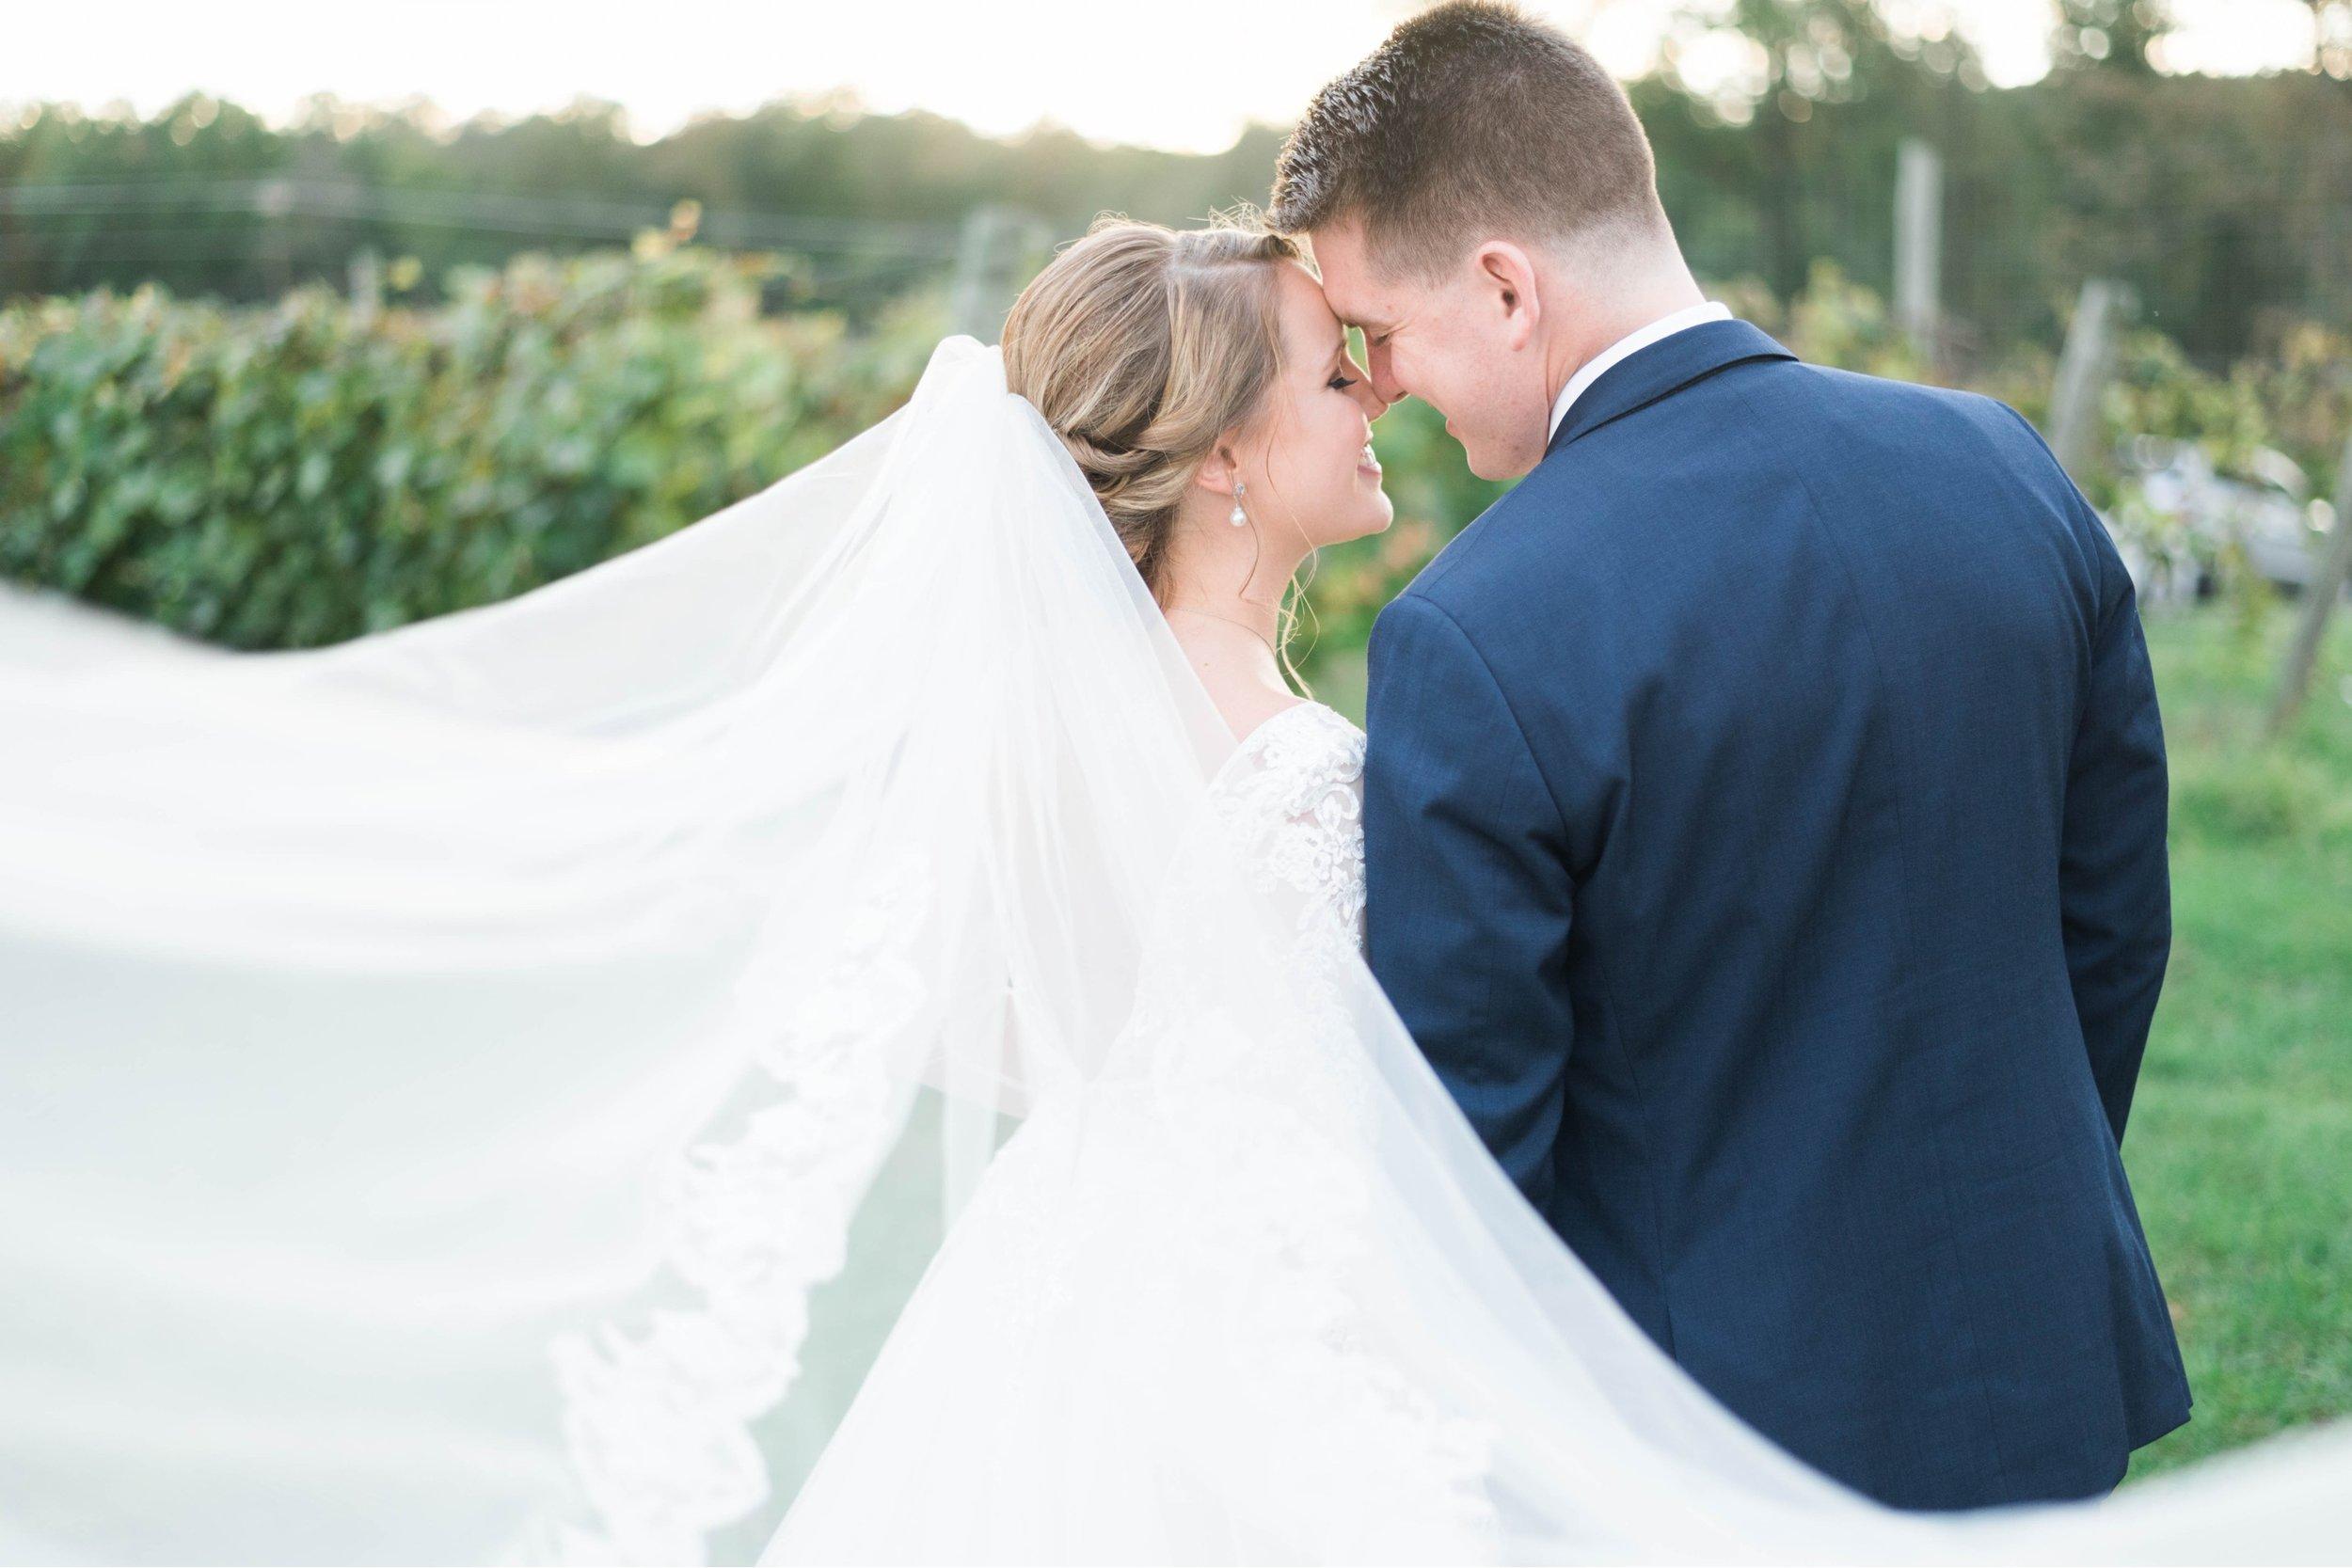 GrantElizabeth_wineryatbullrun_DCwedding_Virginiaweddingphotographer 28.jpg